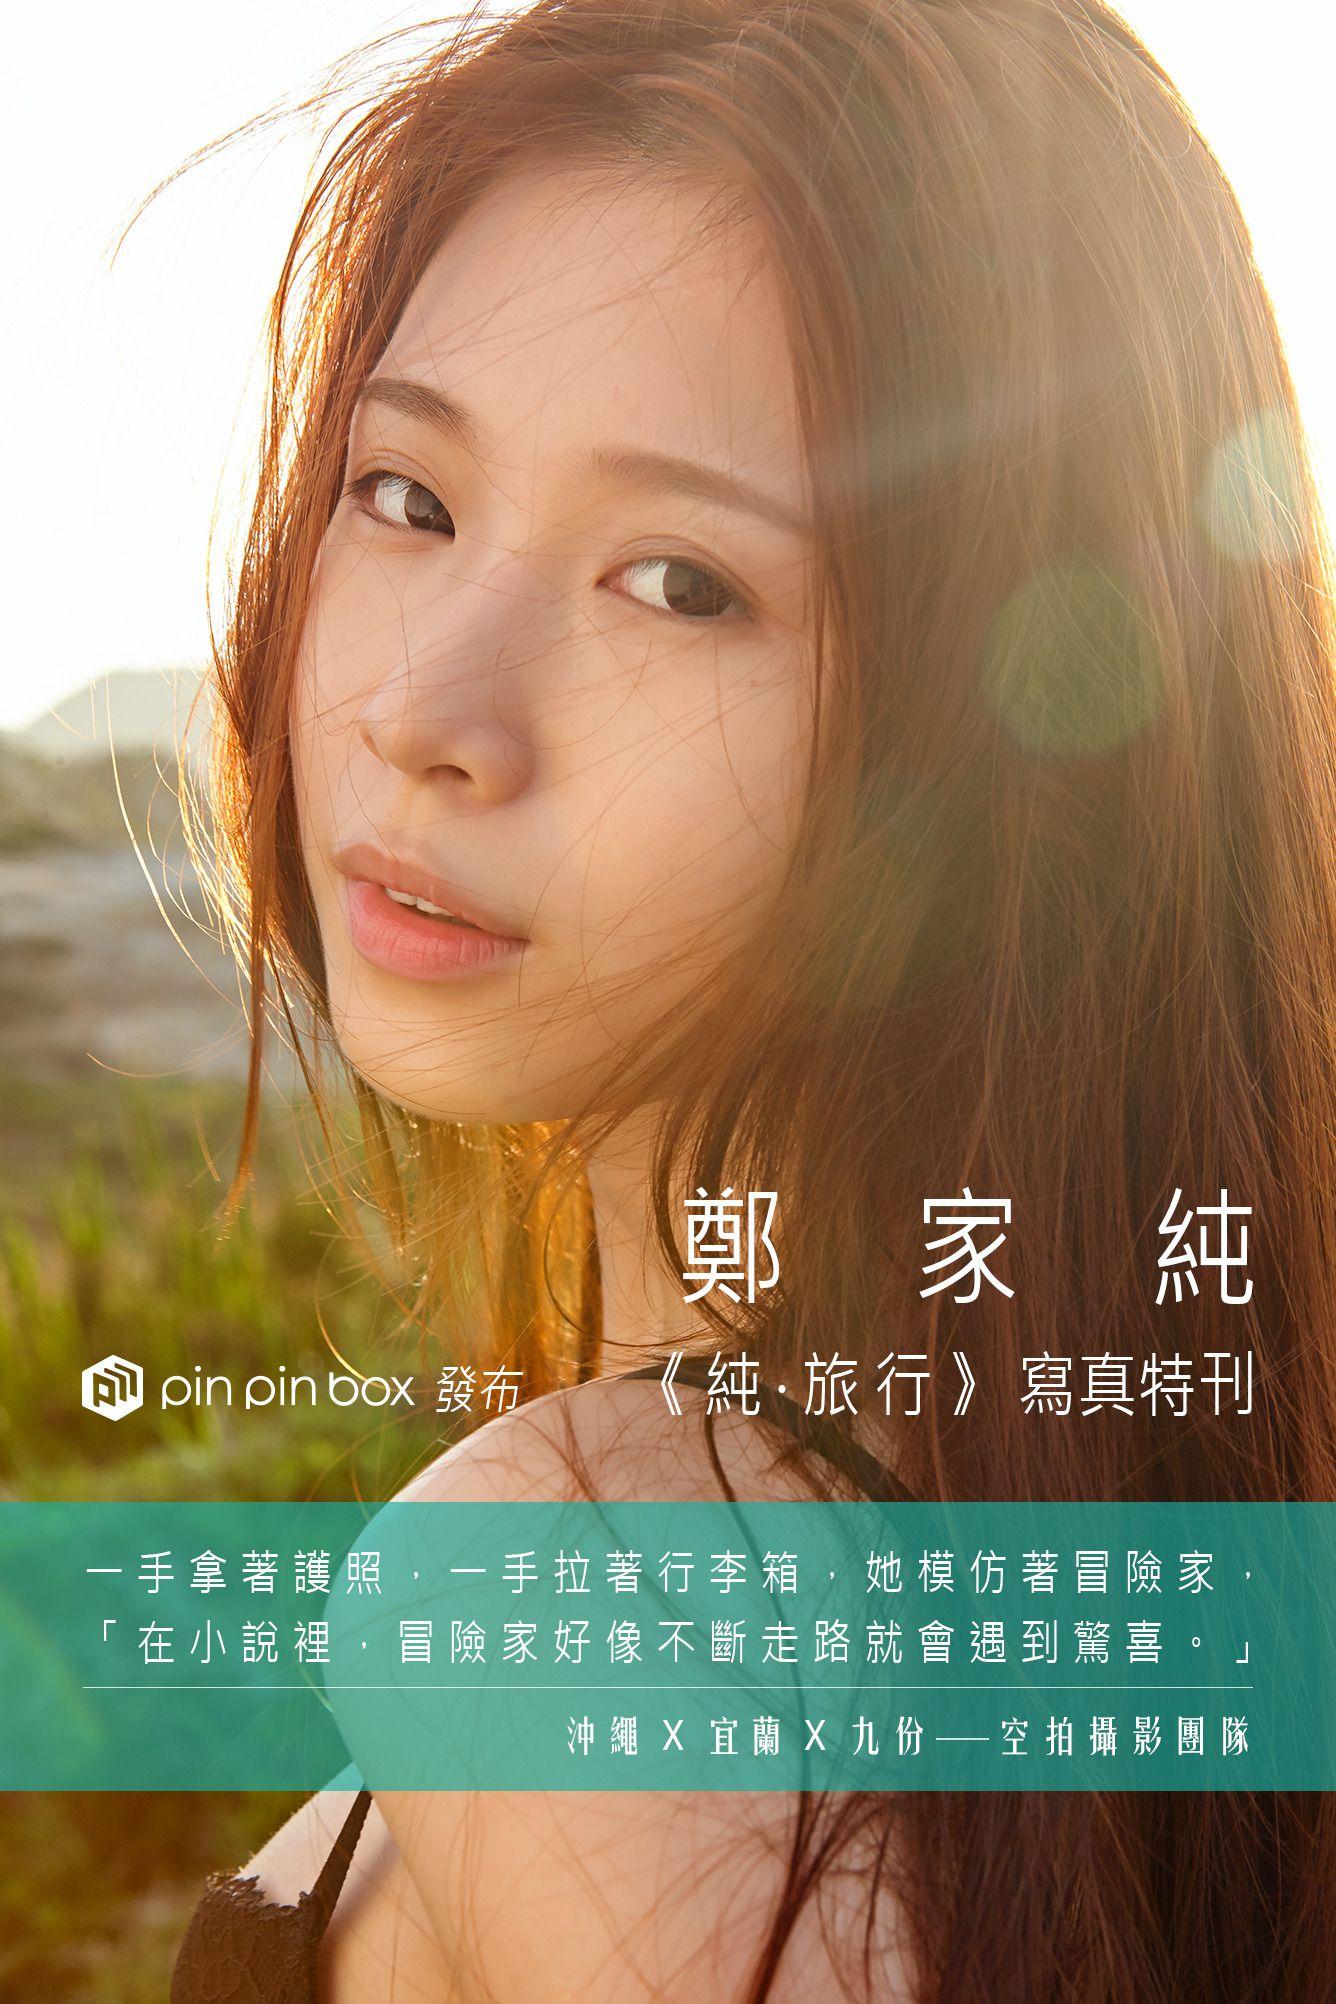 VOL.549 [台湾正妹]妹子嫩模网红:郑家纯(郑佳甄,台湾鸡排妹)高品质写真套图(23P)